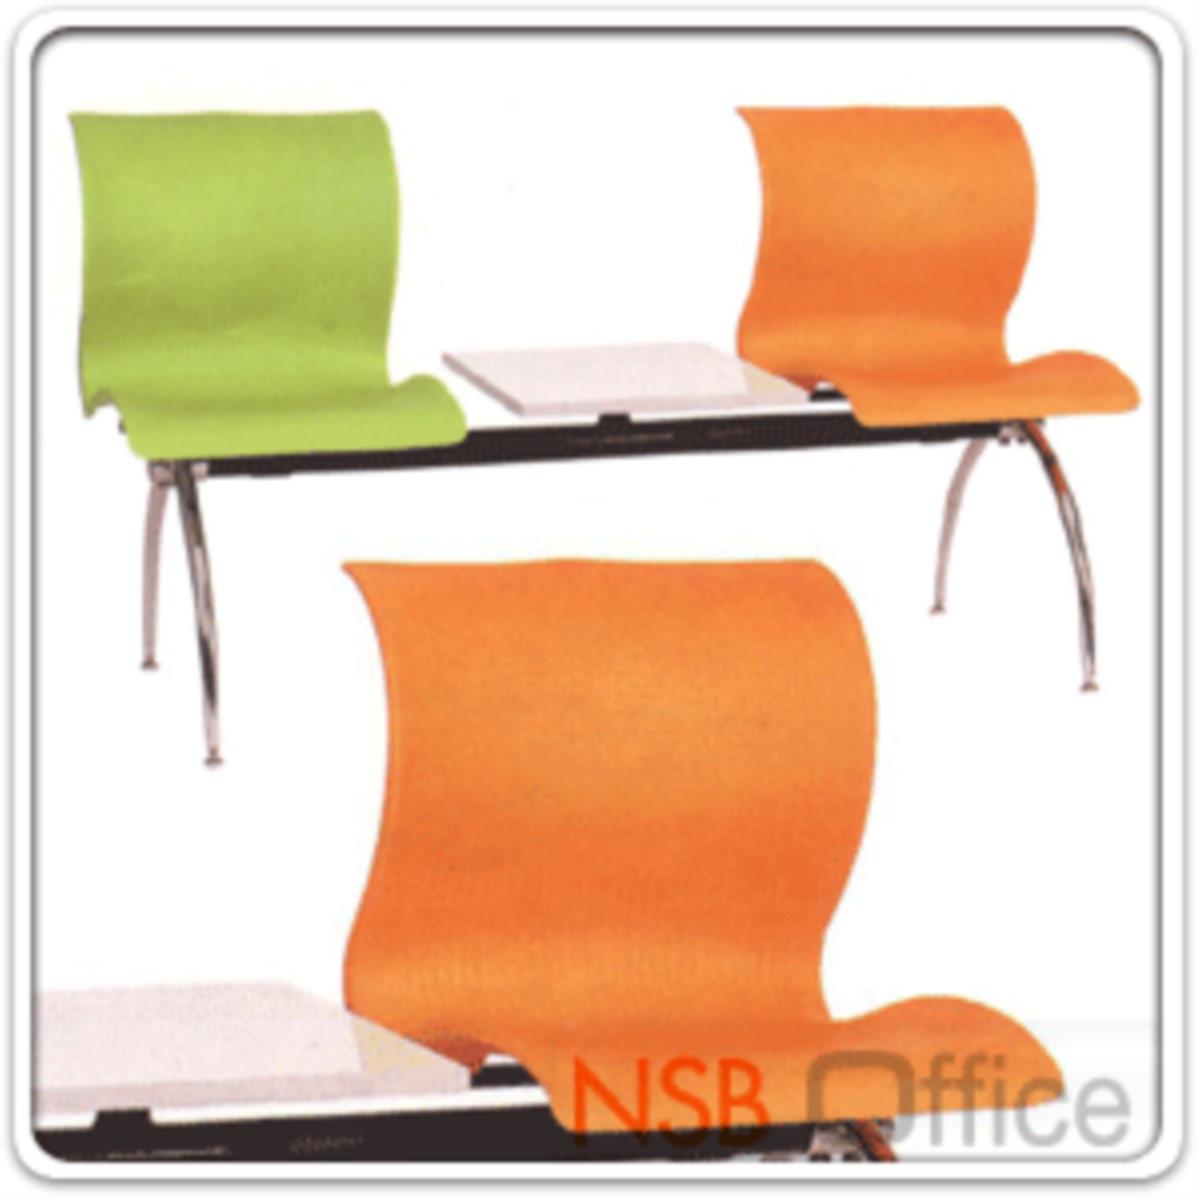 เก้าอี้นั่งคอยเฟรมโพลี่ตัวเอส รุ่น B901 2 ,3 ที่นั่ง ขนาด 146W ,200W cm. พร้อมที่วางของ ขาเหล็ก